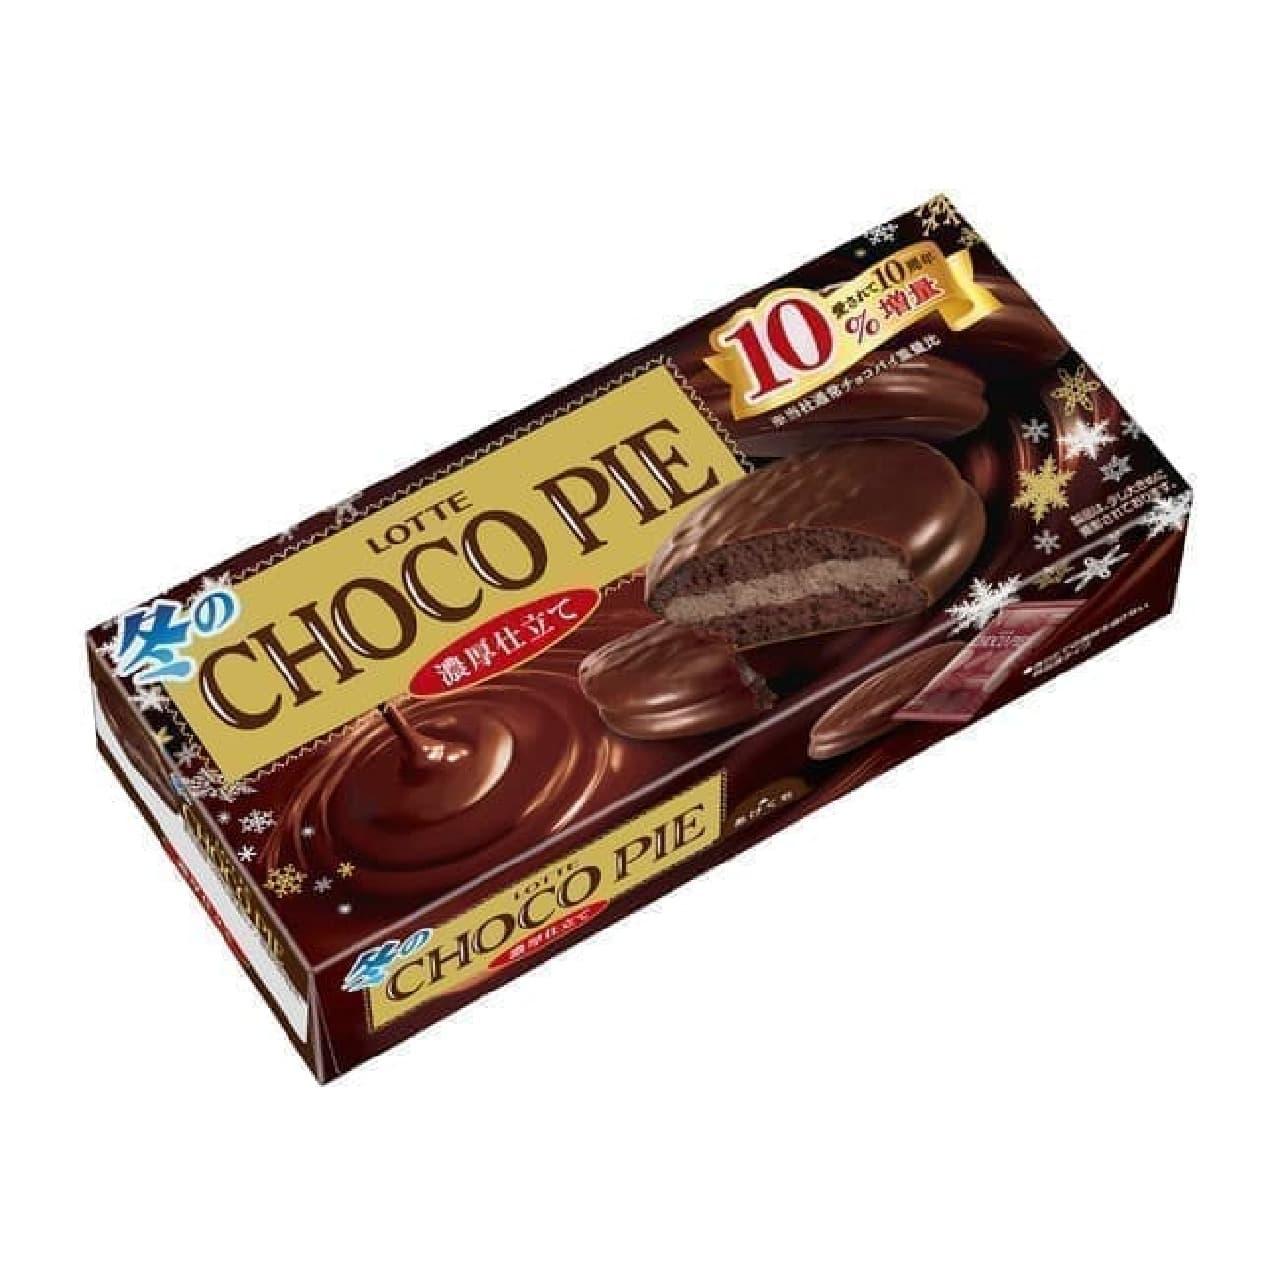 冬のチョコパイ<濃厚仕立て>